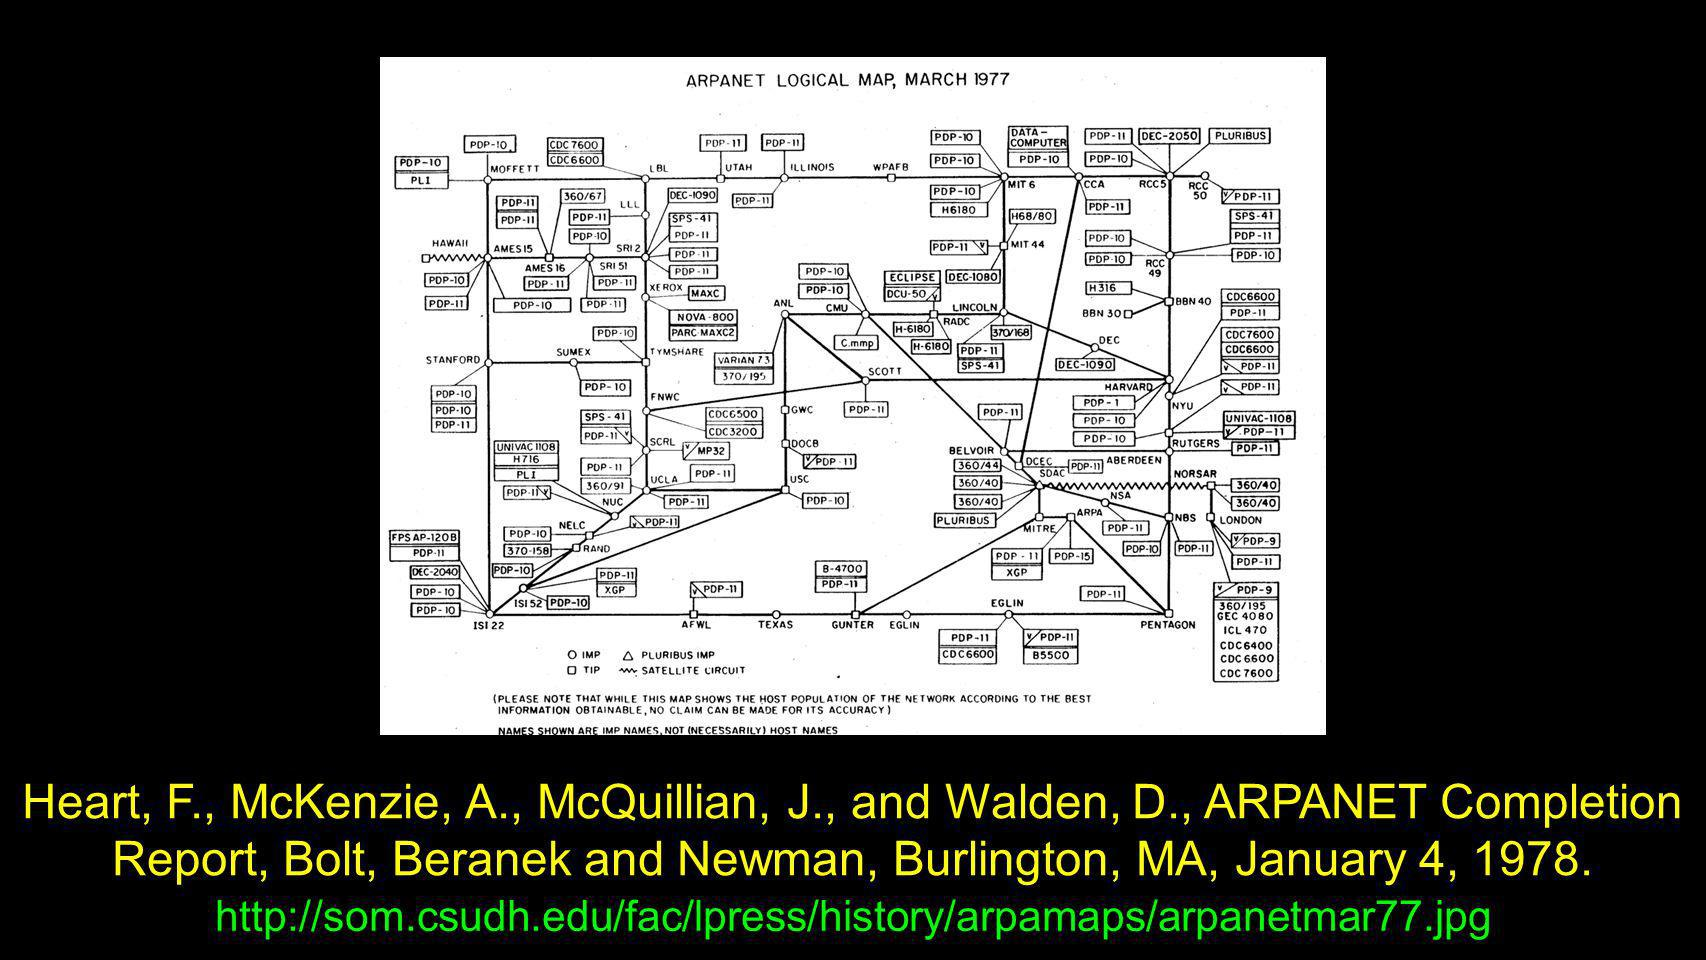 Heart, F. , McKenzie, A. , McQuillian, J. , and Walden, D